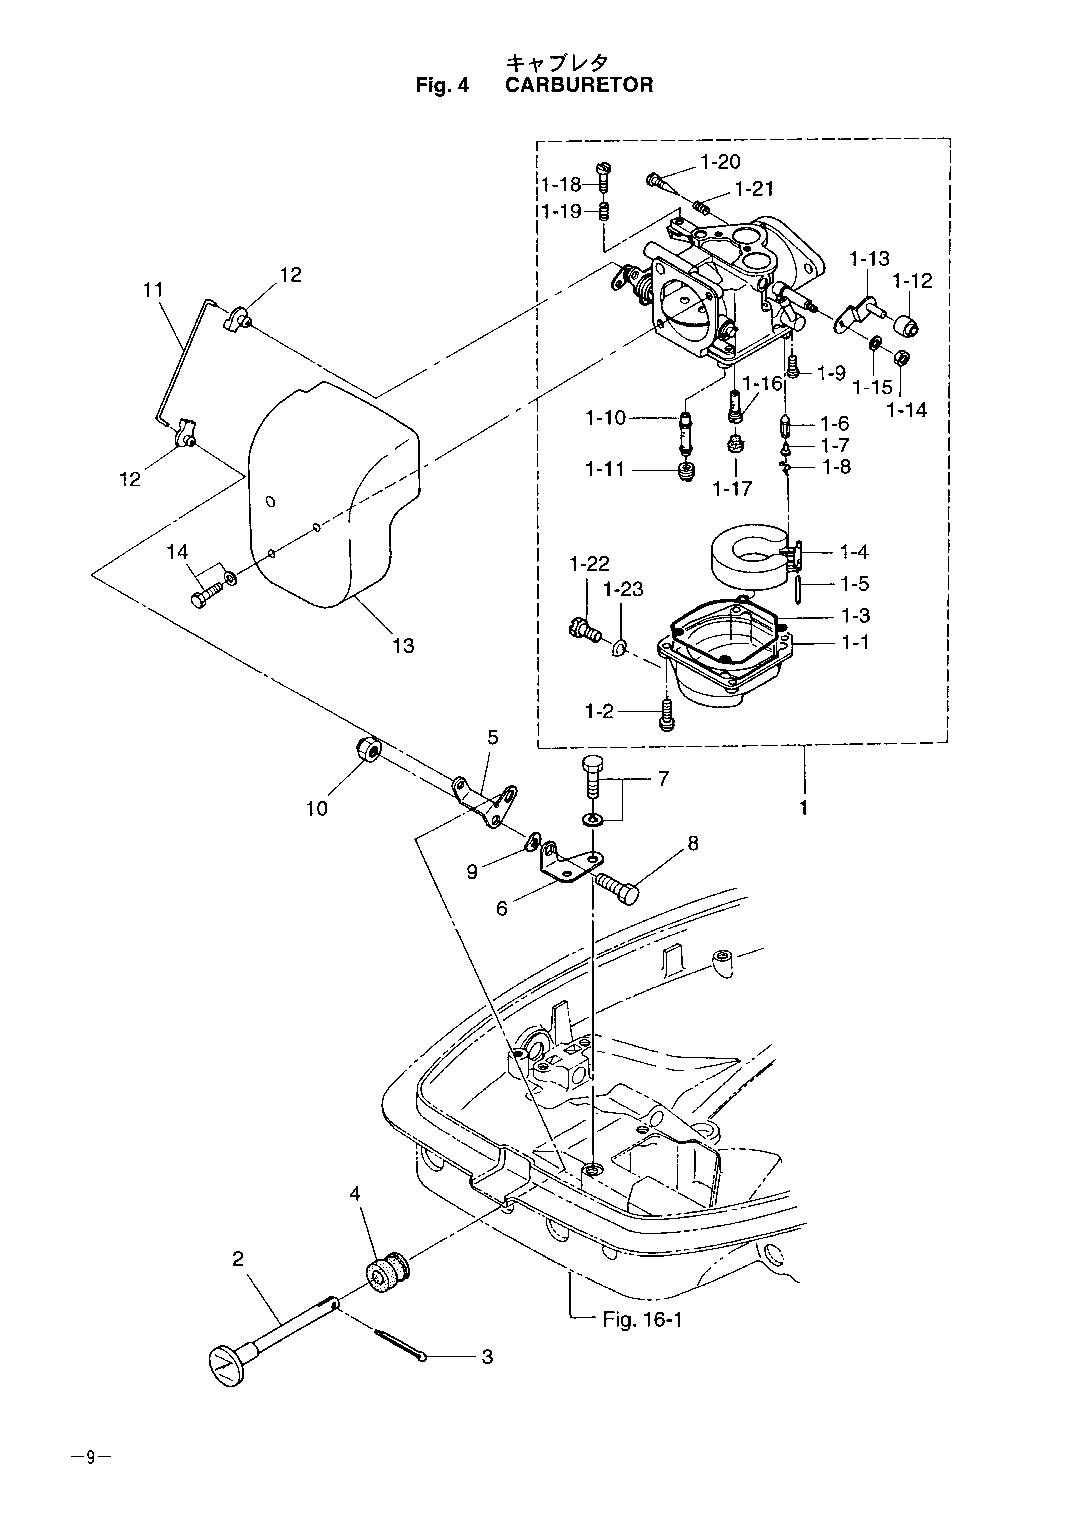 топливная система лодочного мотора тохатсу